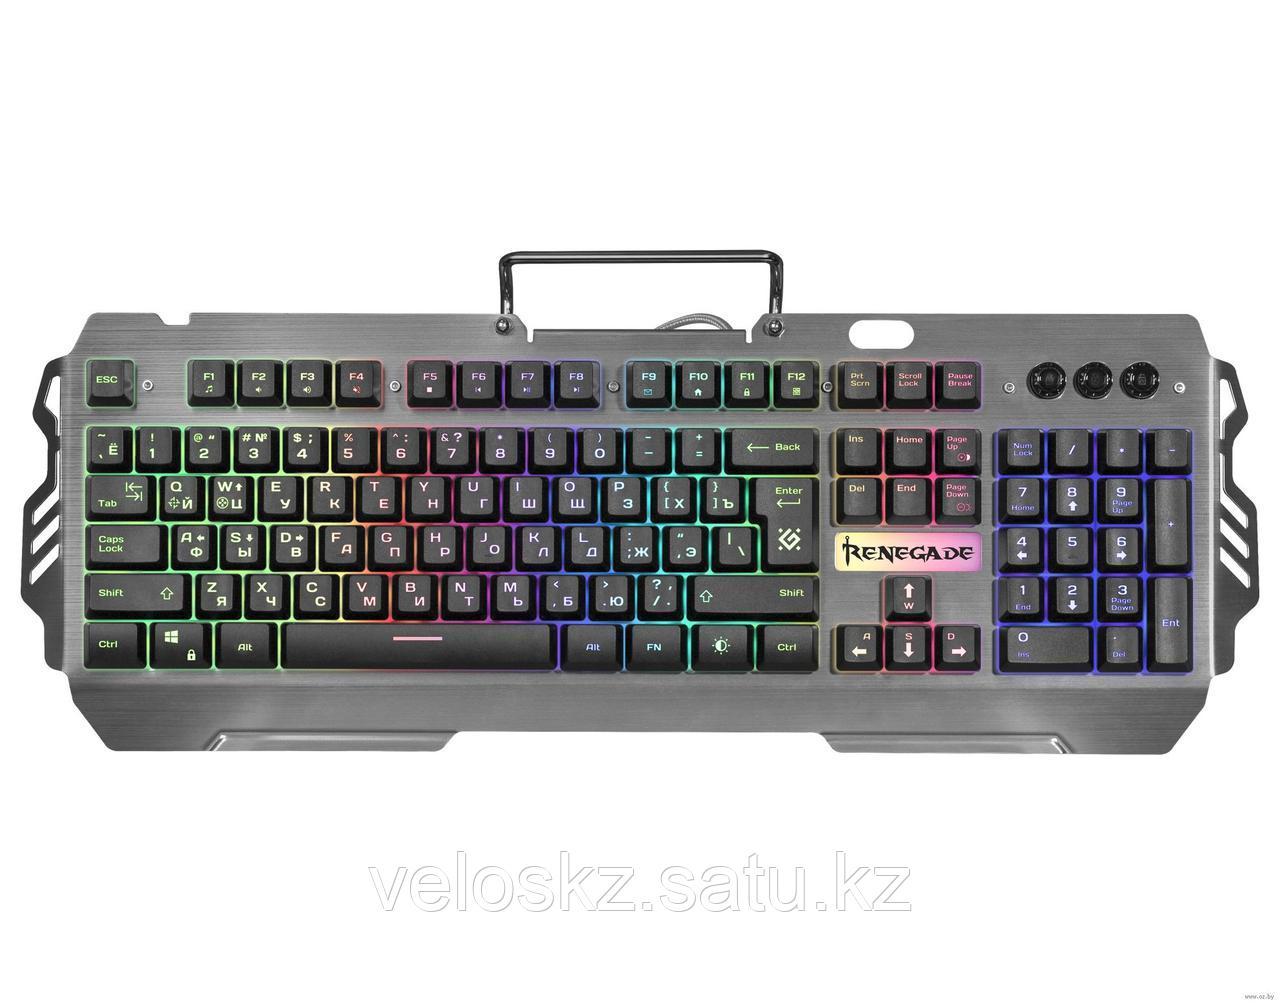 Defender Клавиатура проводная Defender Renegade GK-640DL RU,RGB подсветка, 9 режимов